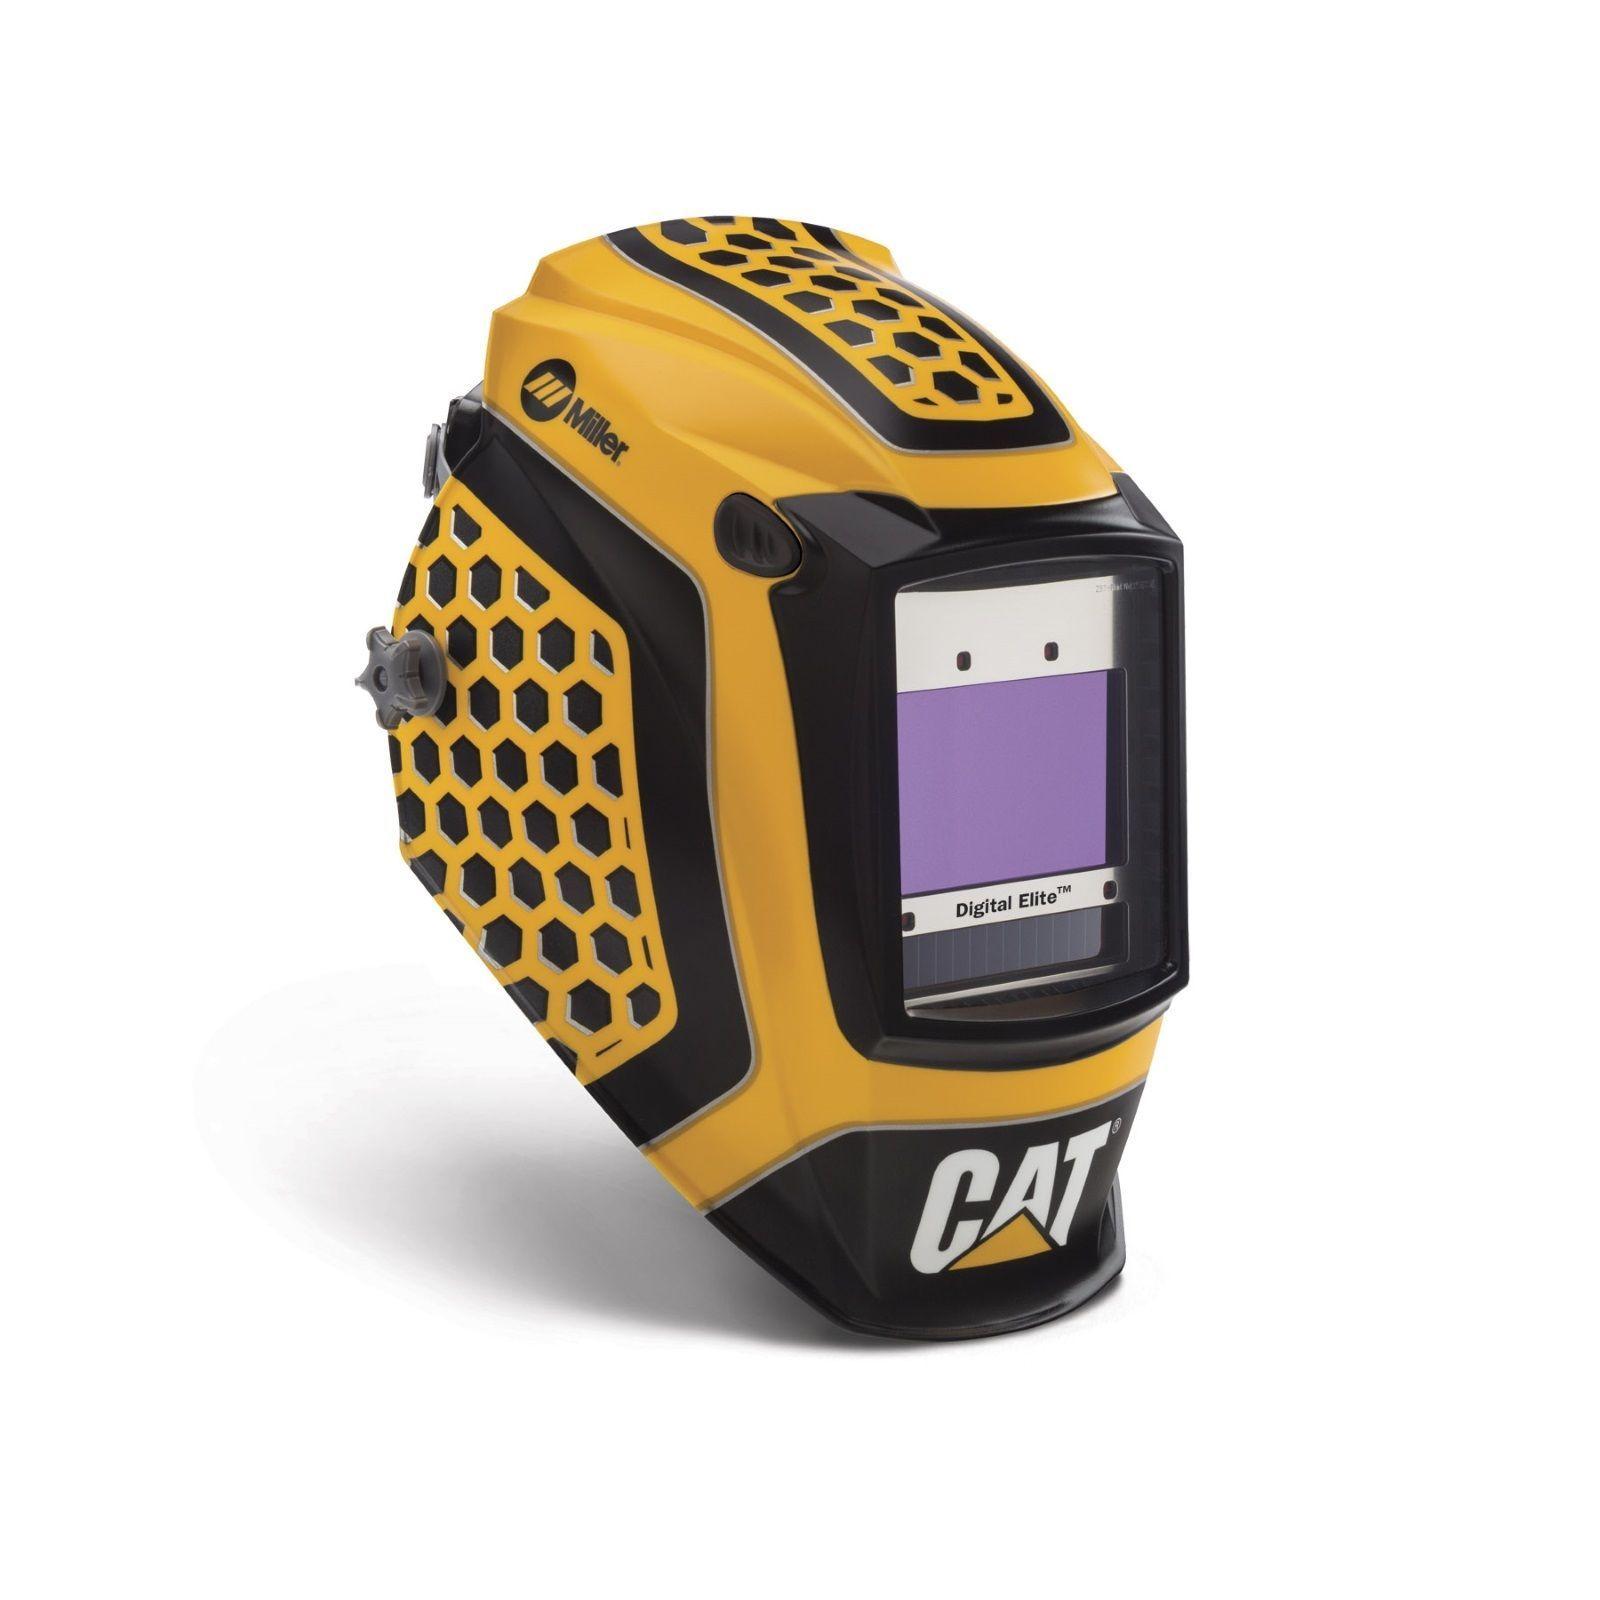 Details about Miller Cat Edition 1 Digital Elite Auto